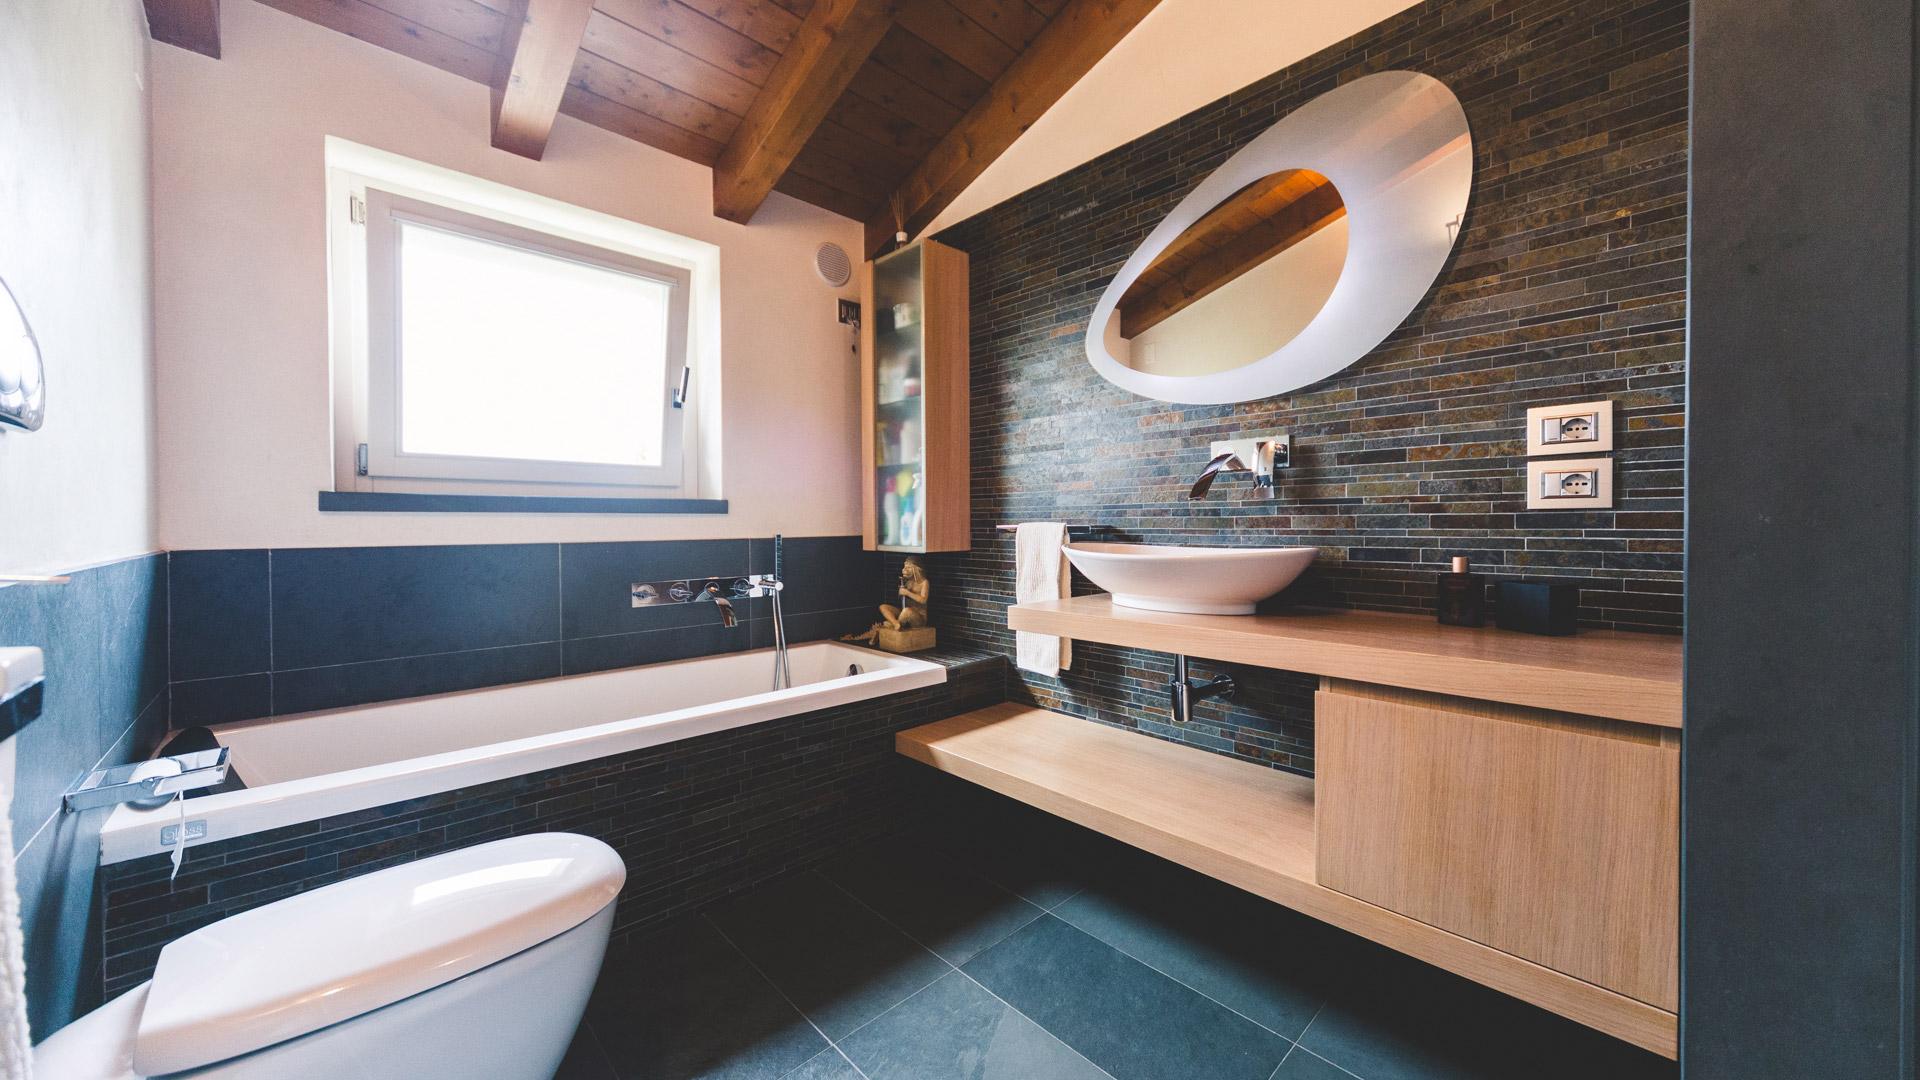 Piano Bagno In Ardesia : Lavorazione pietra naturale tufo e marmo u ronconi bagno in ardesia